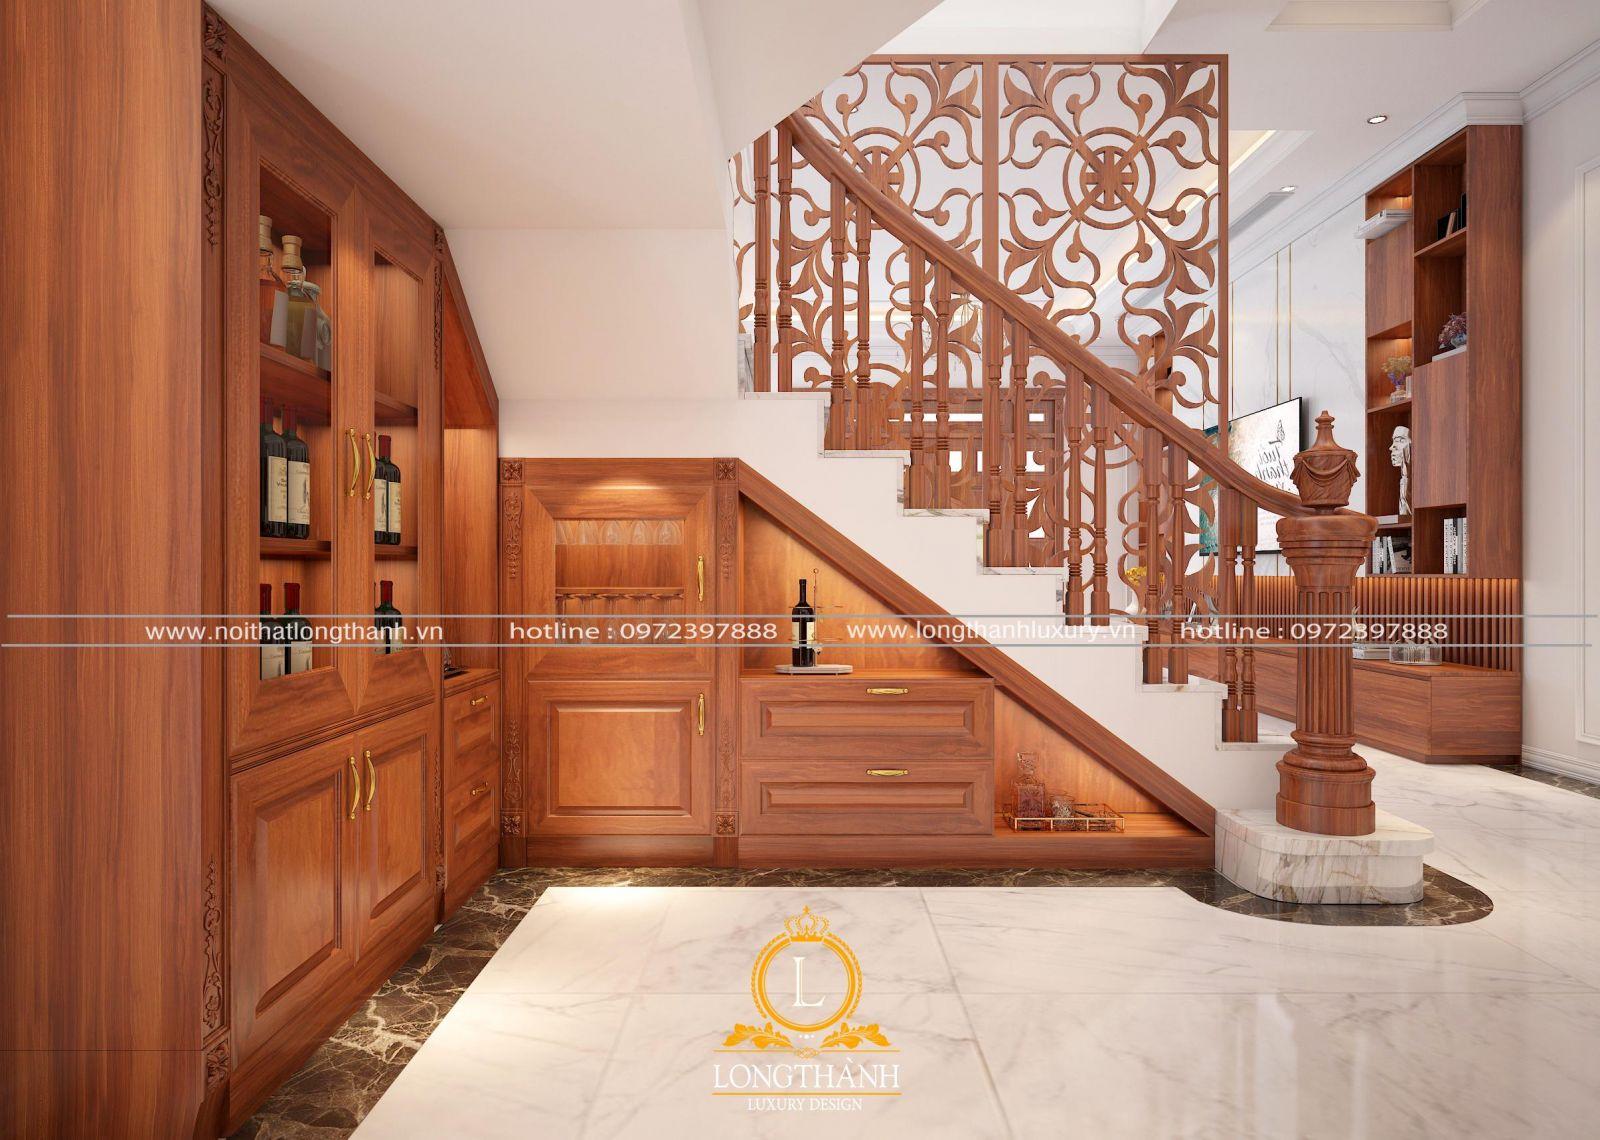 Sử dụng tủ rượu âm tường làm cho không gian phòng khách biệt thự thêm độc đáo